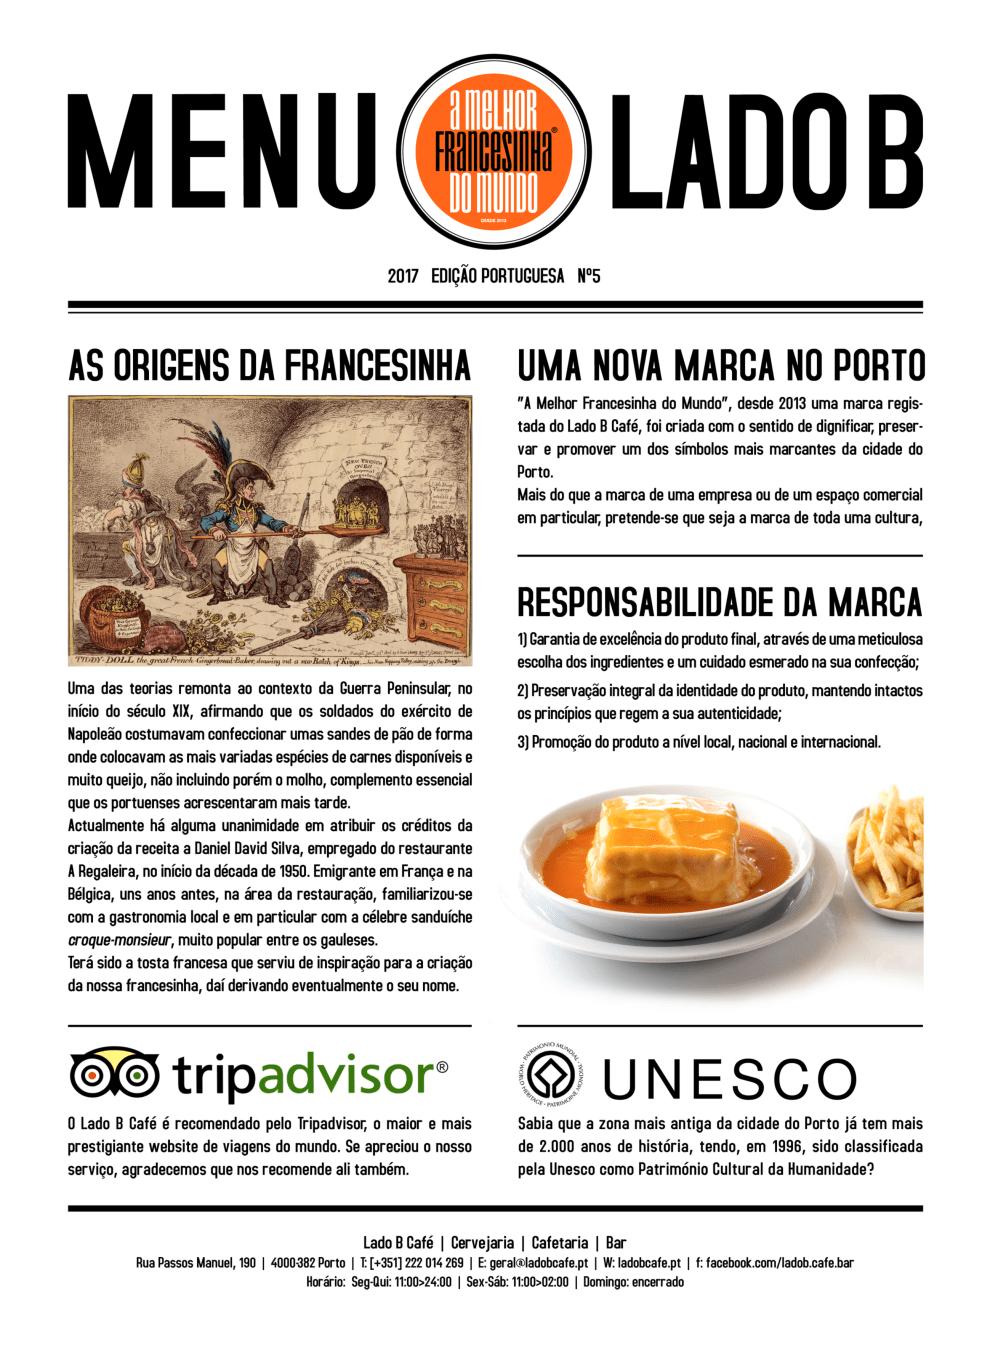 MENU-LADOB-03_4